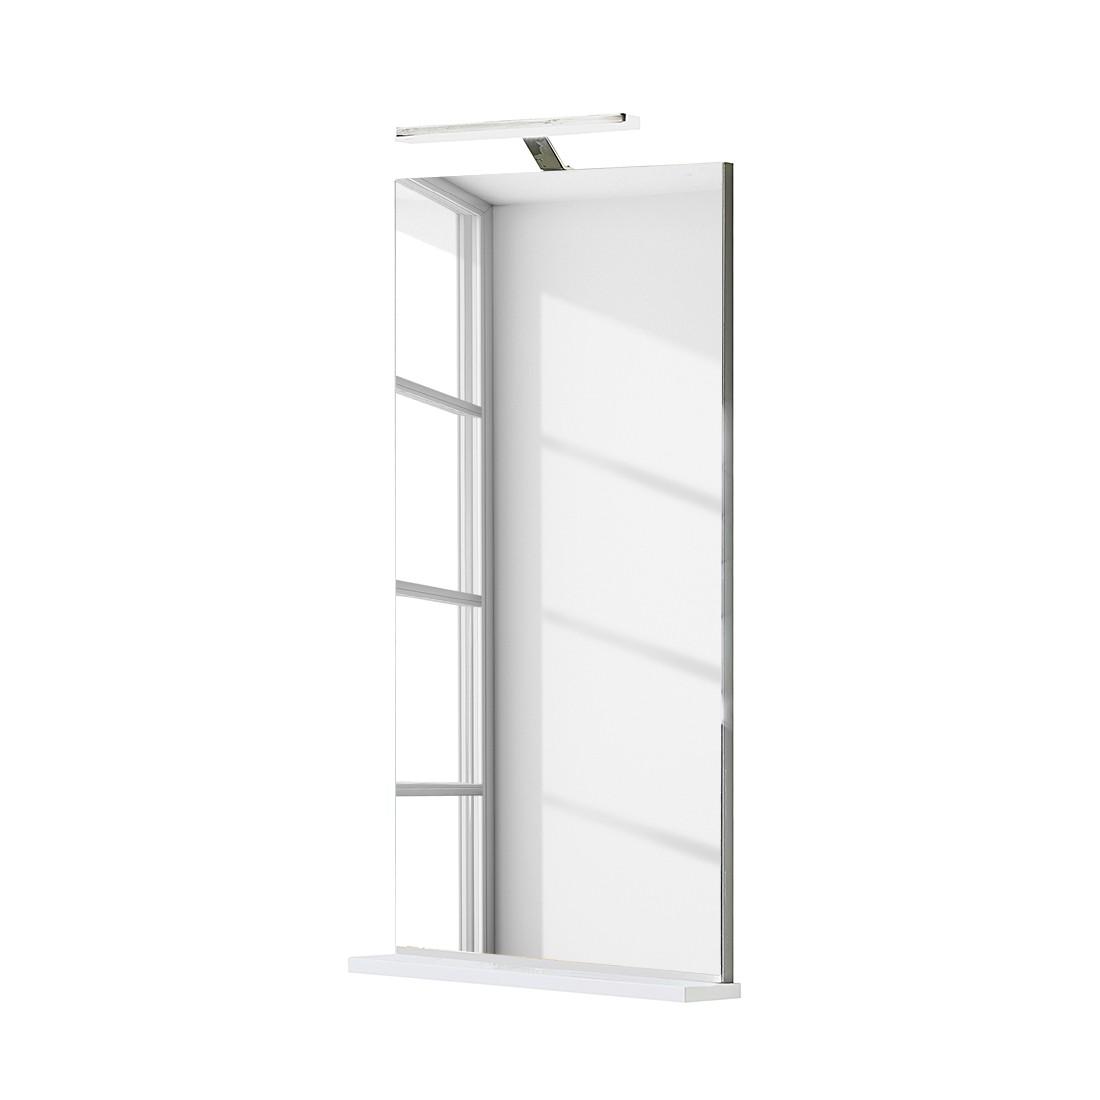 Spiegelpaneel Gusi – Weiß, Giessbach günstig